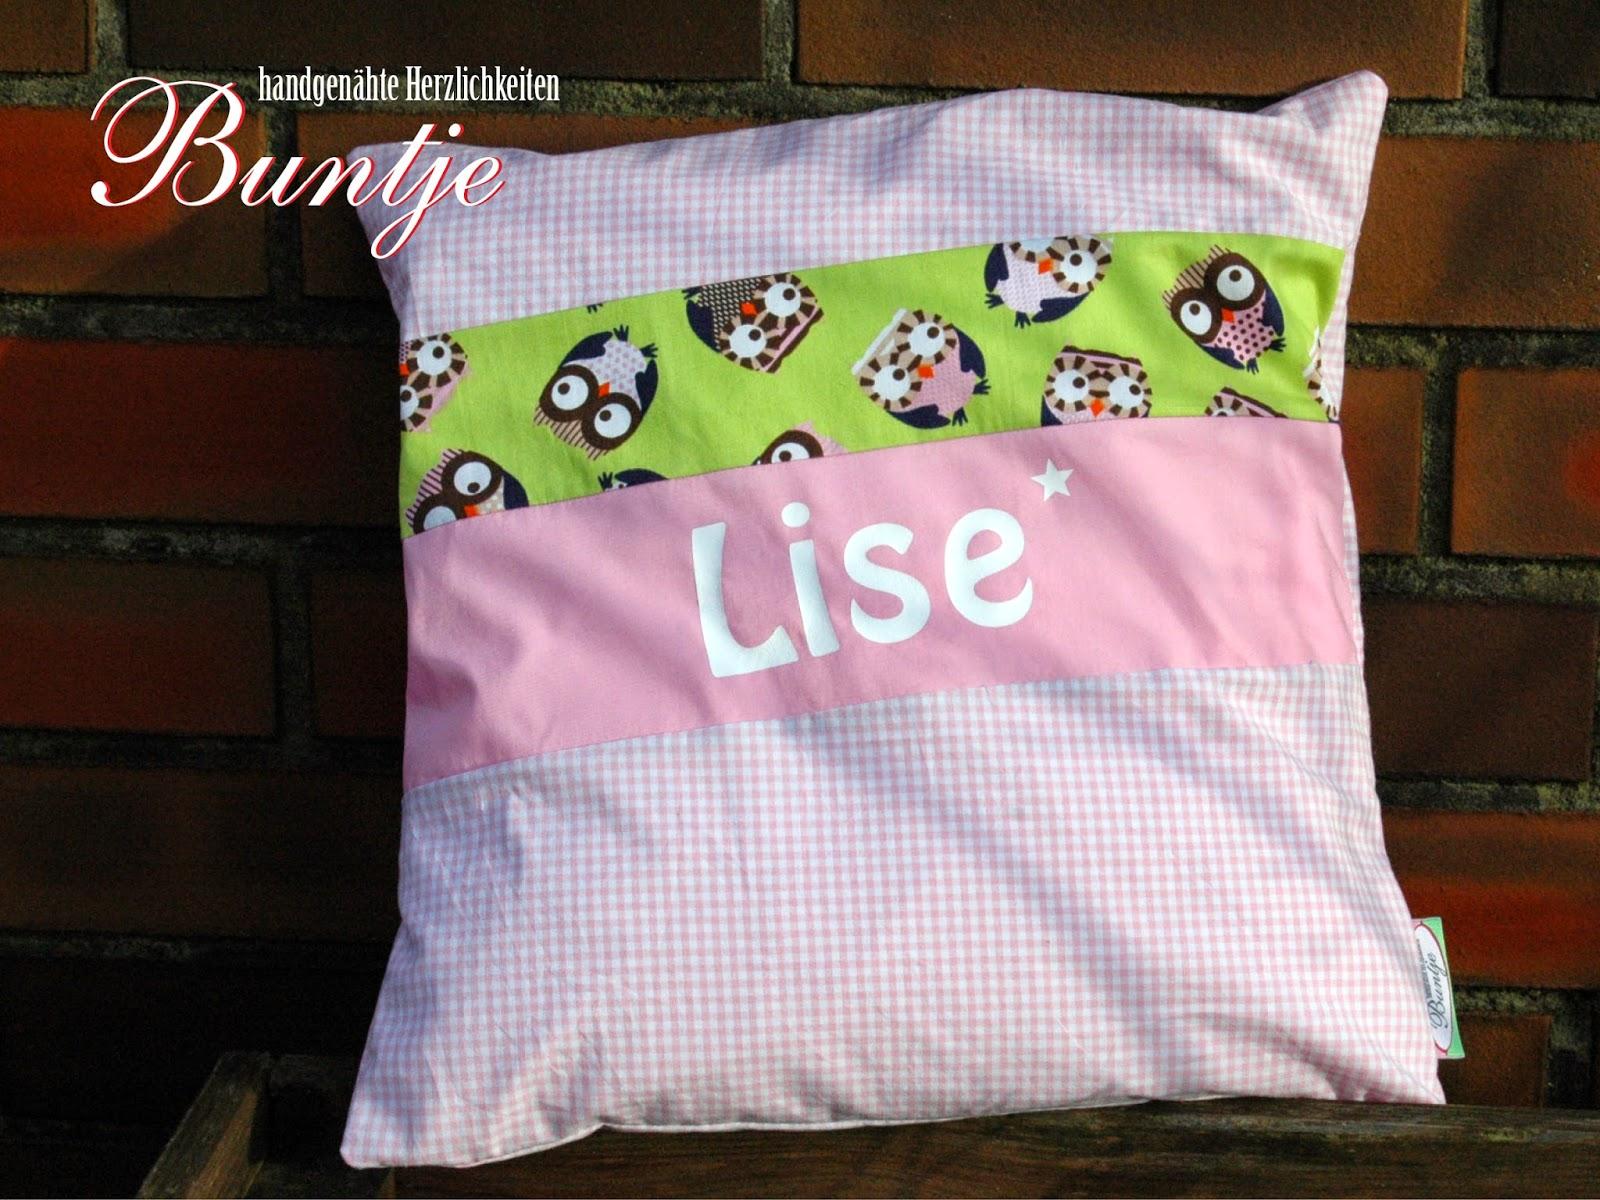 Namenskissen Kissen Name Geschenk Kind Baby Geburt Taufe 1. Geburtstag Baumwolle Mädchen rosa grün Eulen Karo Vichy Lise handmade nähen Buntje